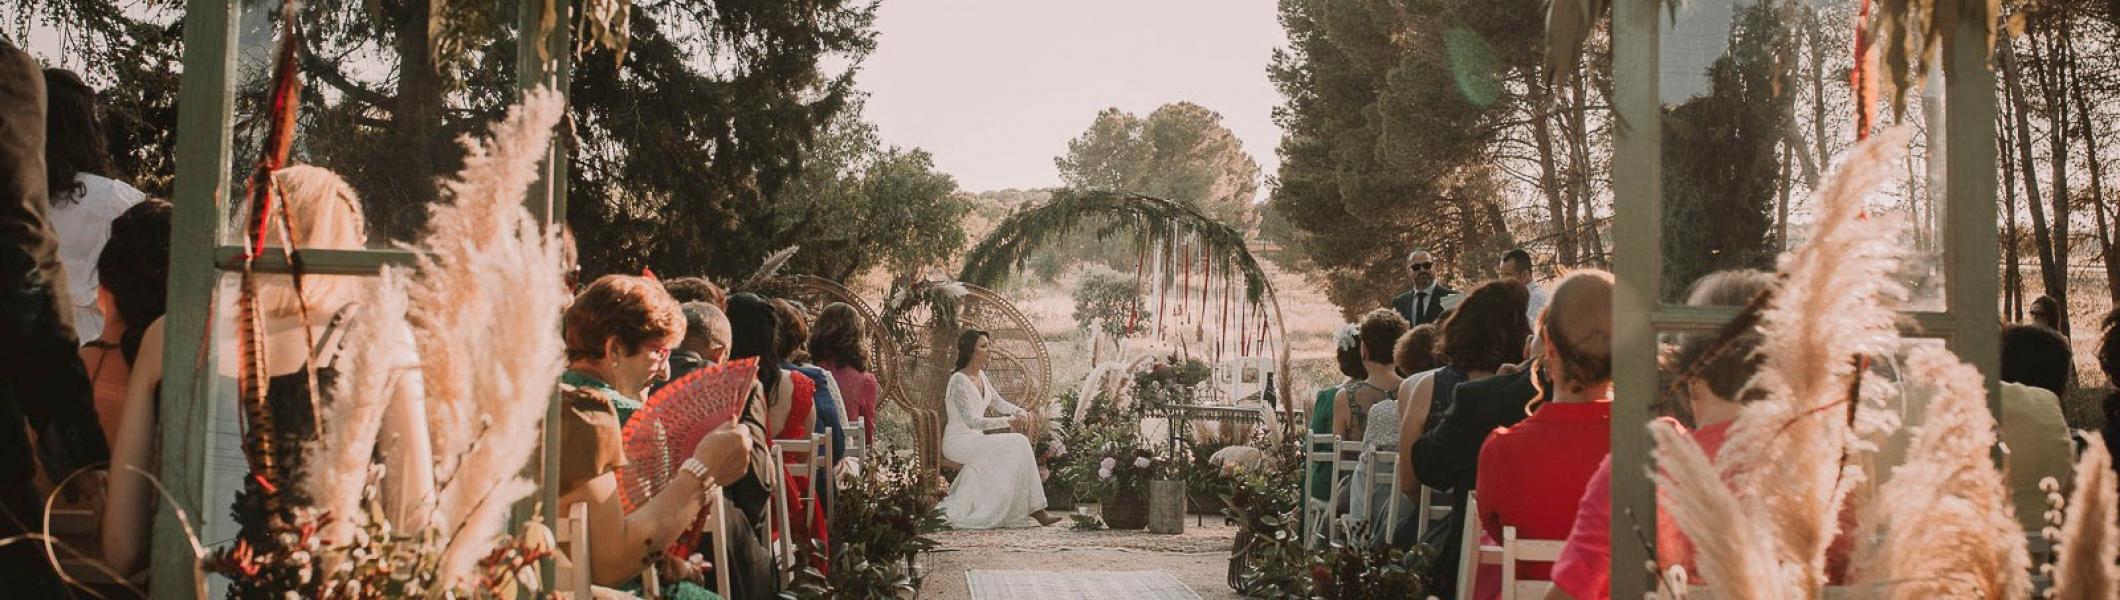 Boda-vintage-en-Albacete-de-Laura-y-Jaime-Rock-and-Wedding-Spain-21-2